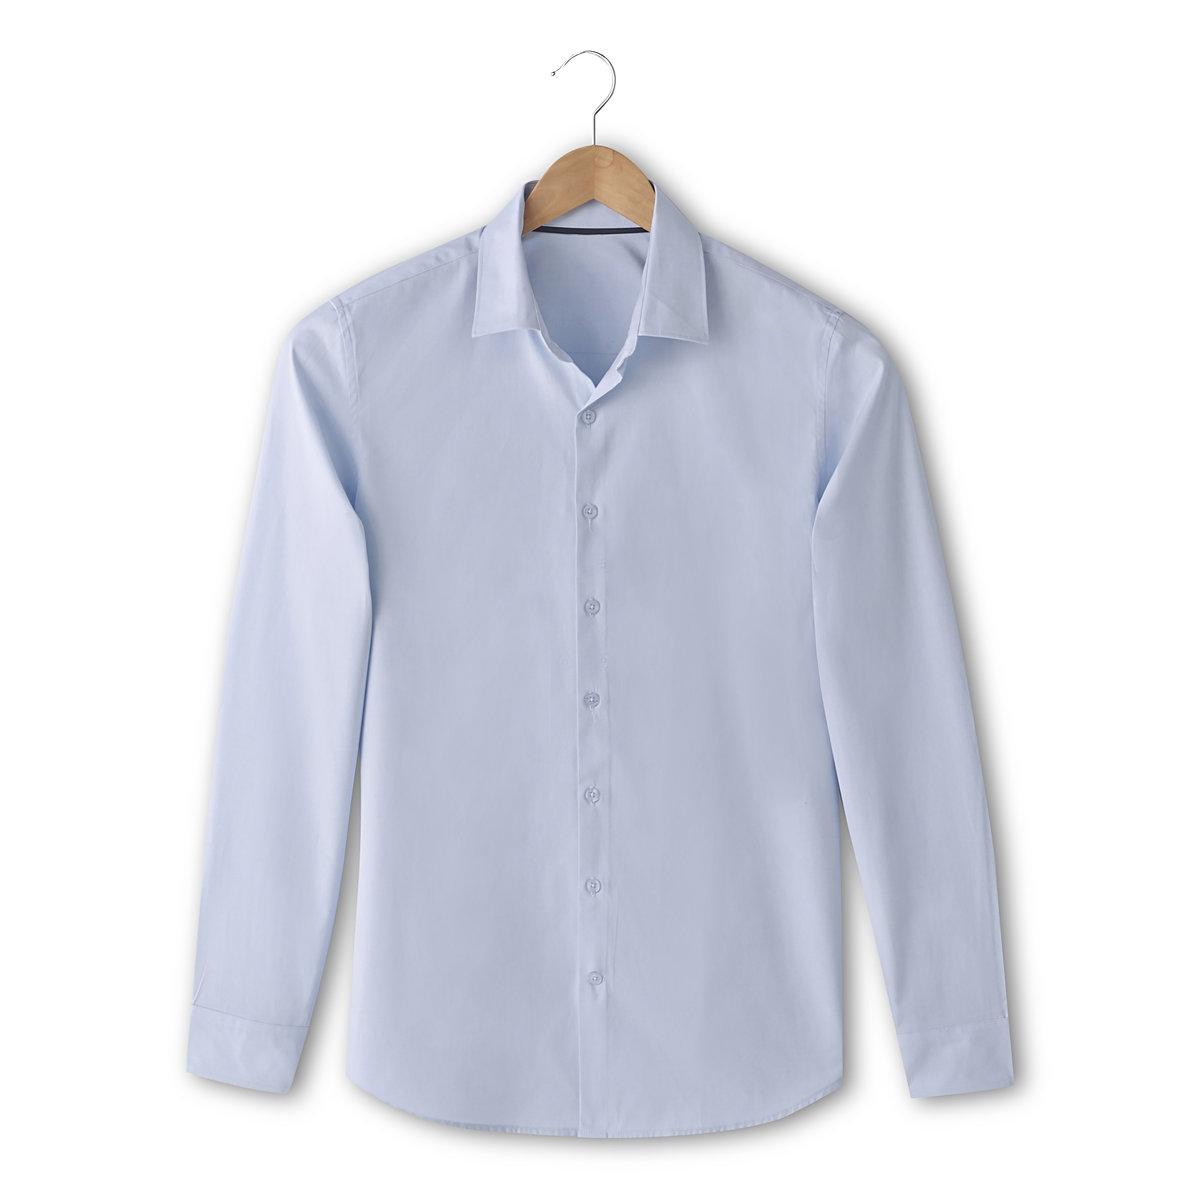 Рубашка однотонная с длинными рукавами, узкий покройРубашка с длинными рукавами R Essentiel. Узкий покрой (облегающий). 100% хлопка. Свободные уголки воротника с контрастной внутренней частью. Длина ок. 77 см.<br><br>Цвет: небесно-голубой<br>Размер: 45/46